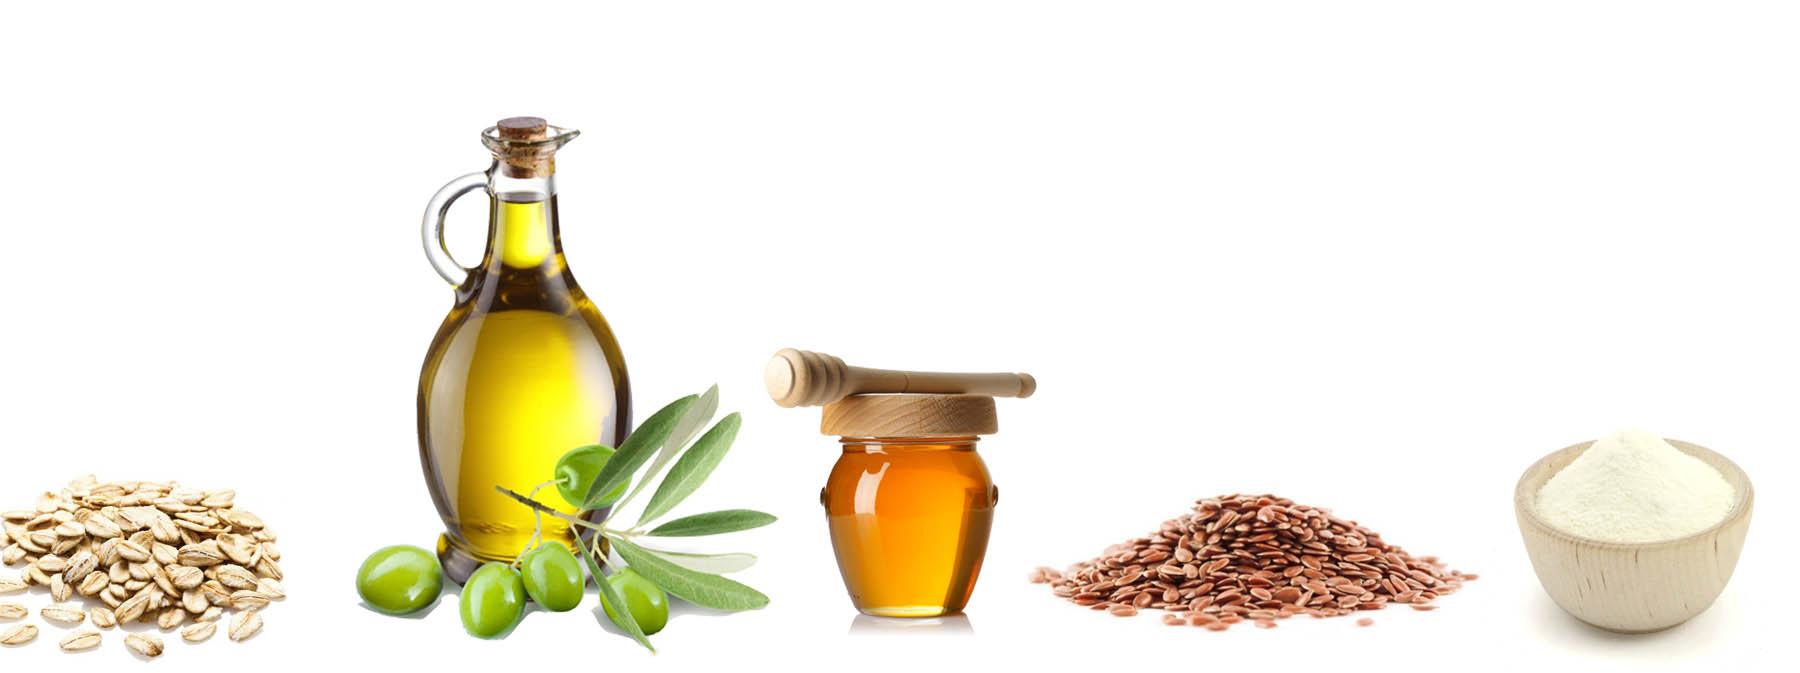 program complet de îngrijire naturală a tenului ingrediente